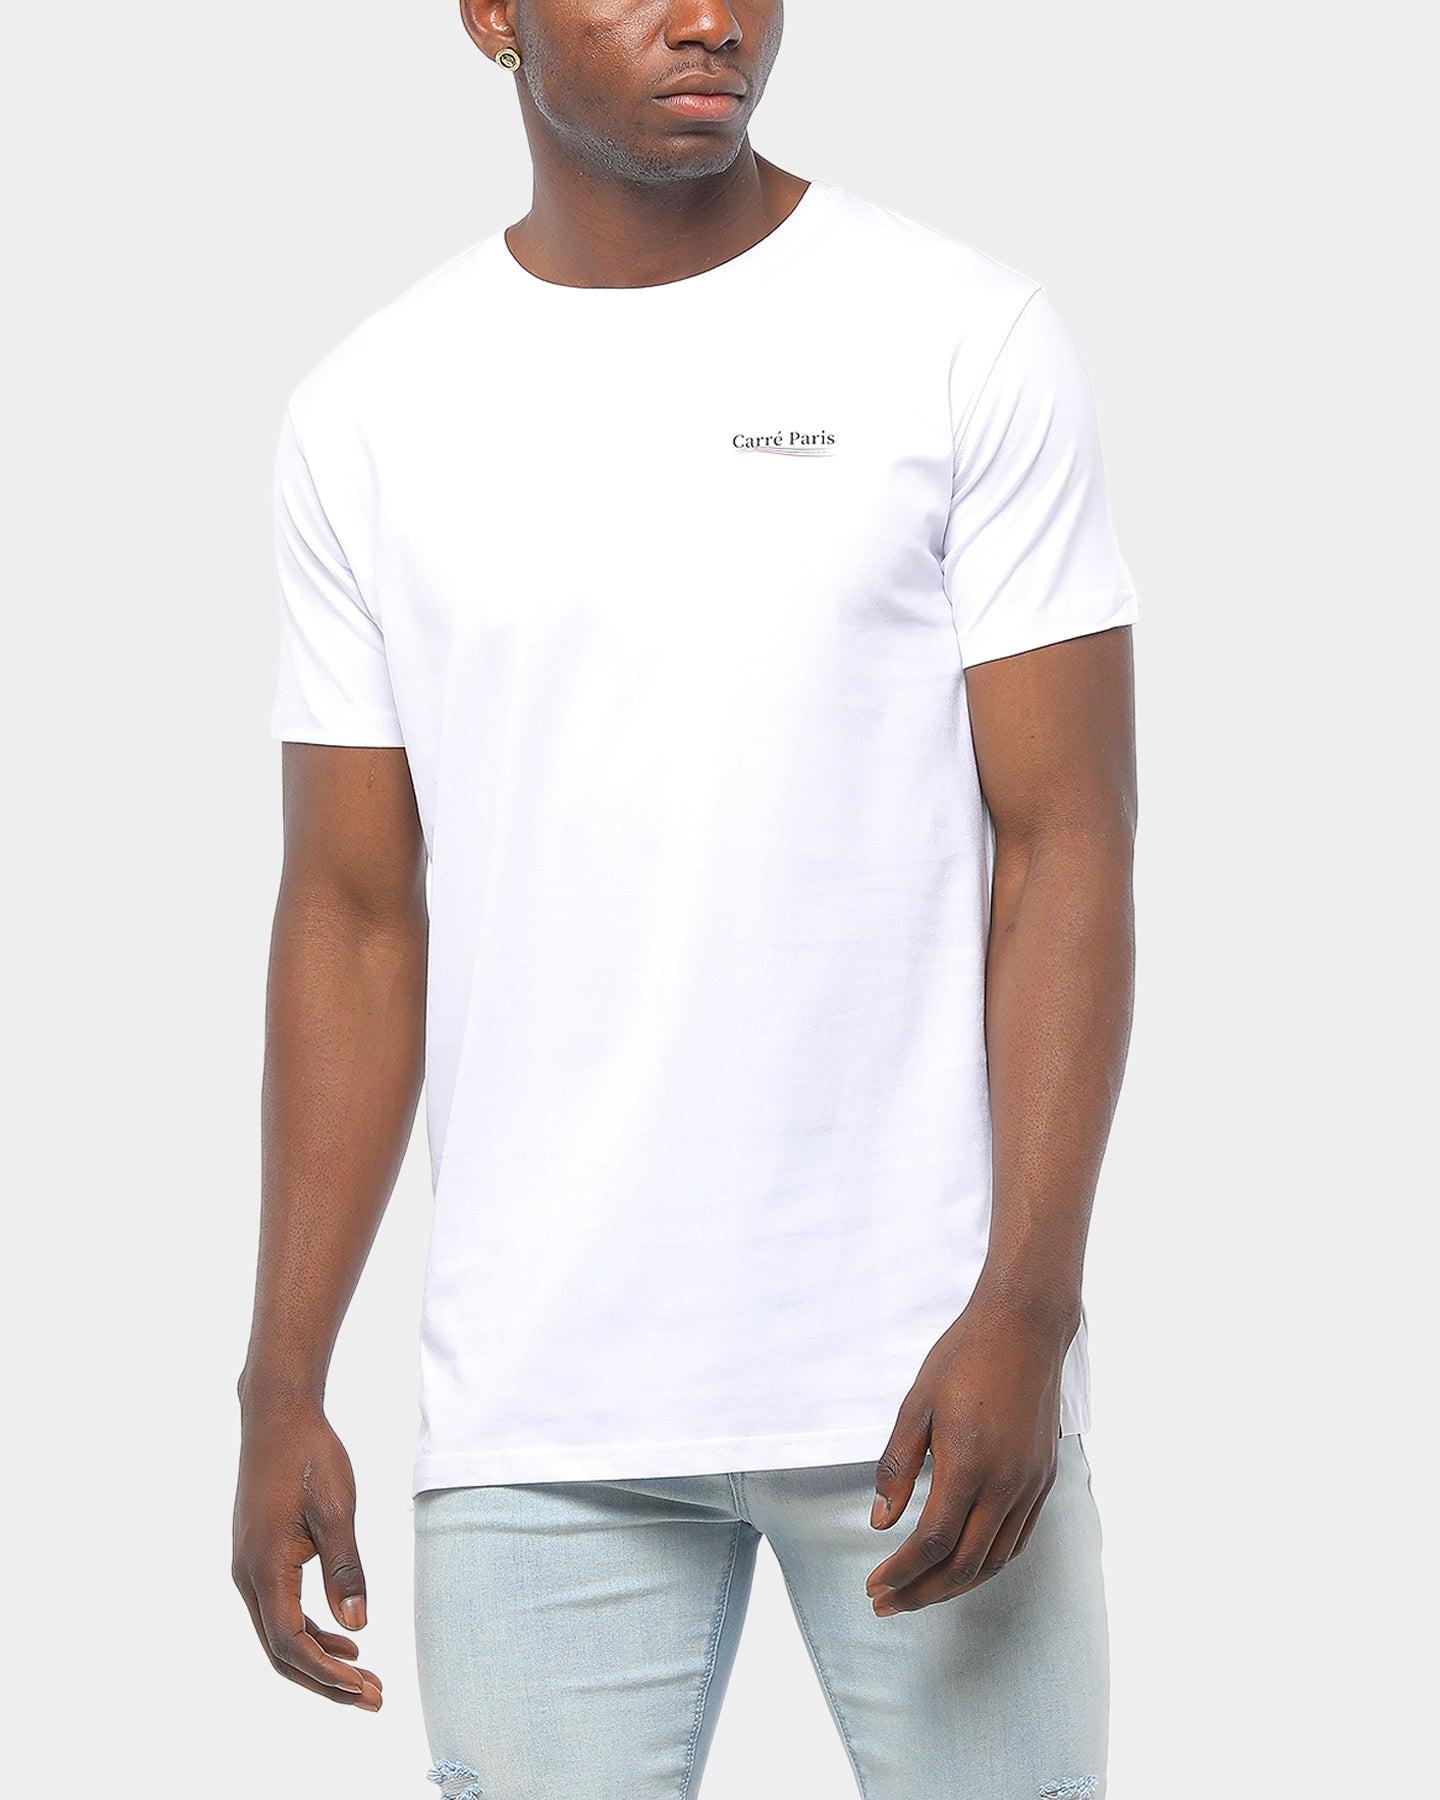 BALLIN PARIS T Shirt By TCulture Design By Humans